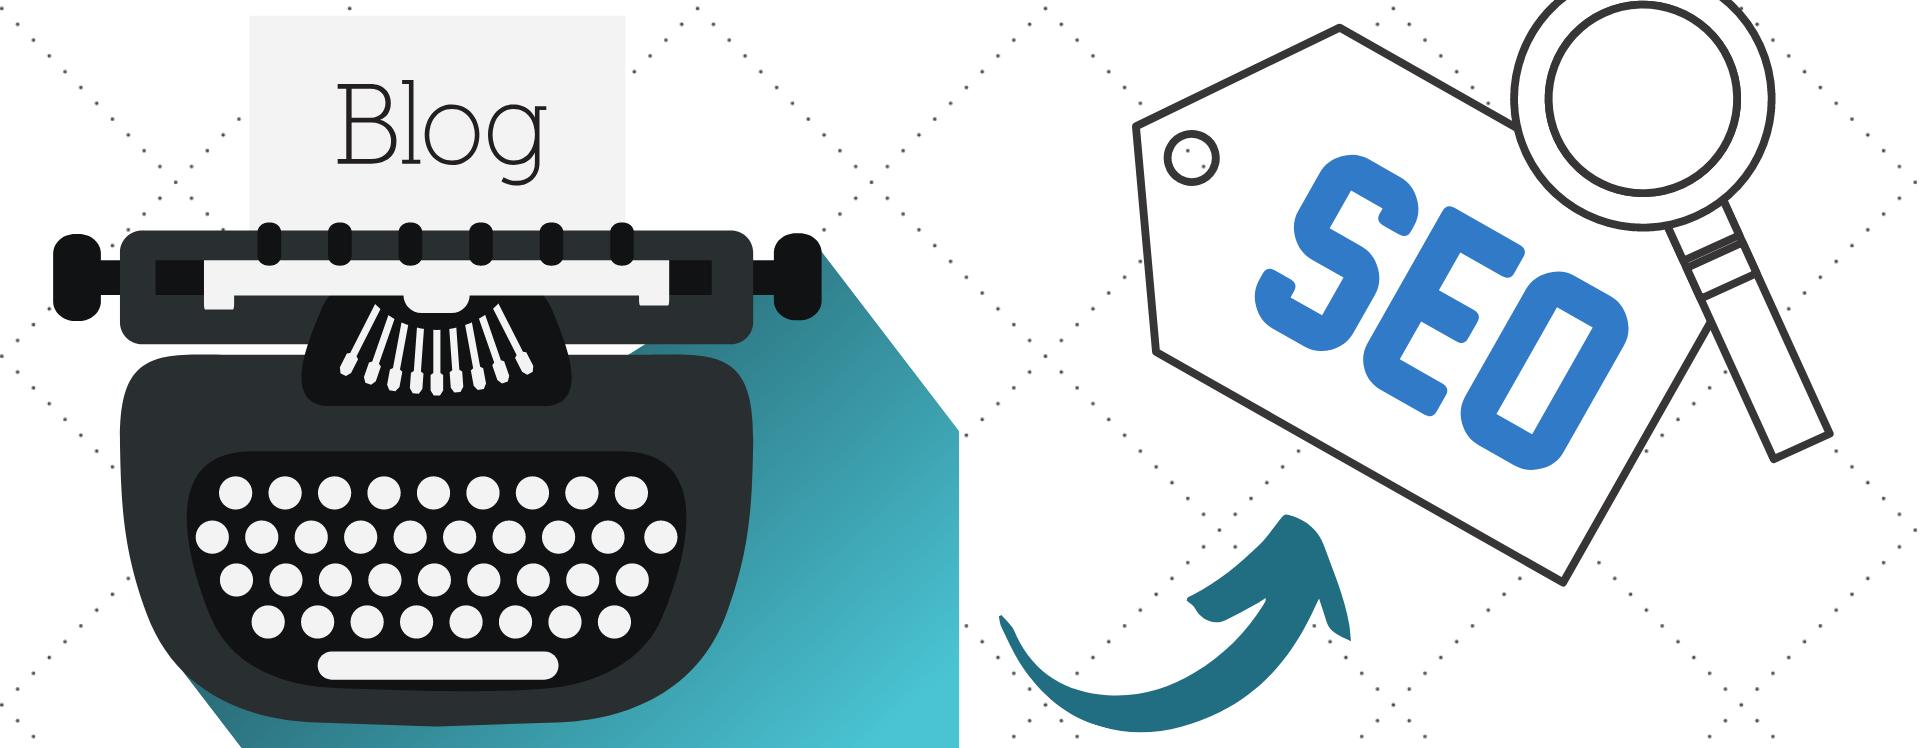 ¿Que es el CopyWriting? y ¿Qué hace un CopyWriter? 1